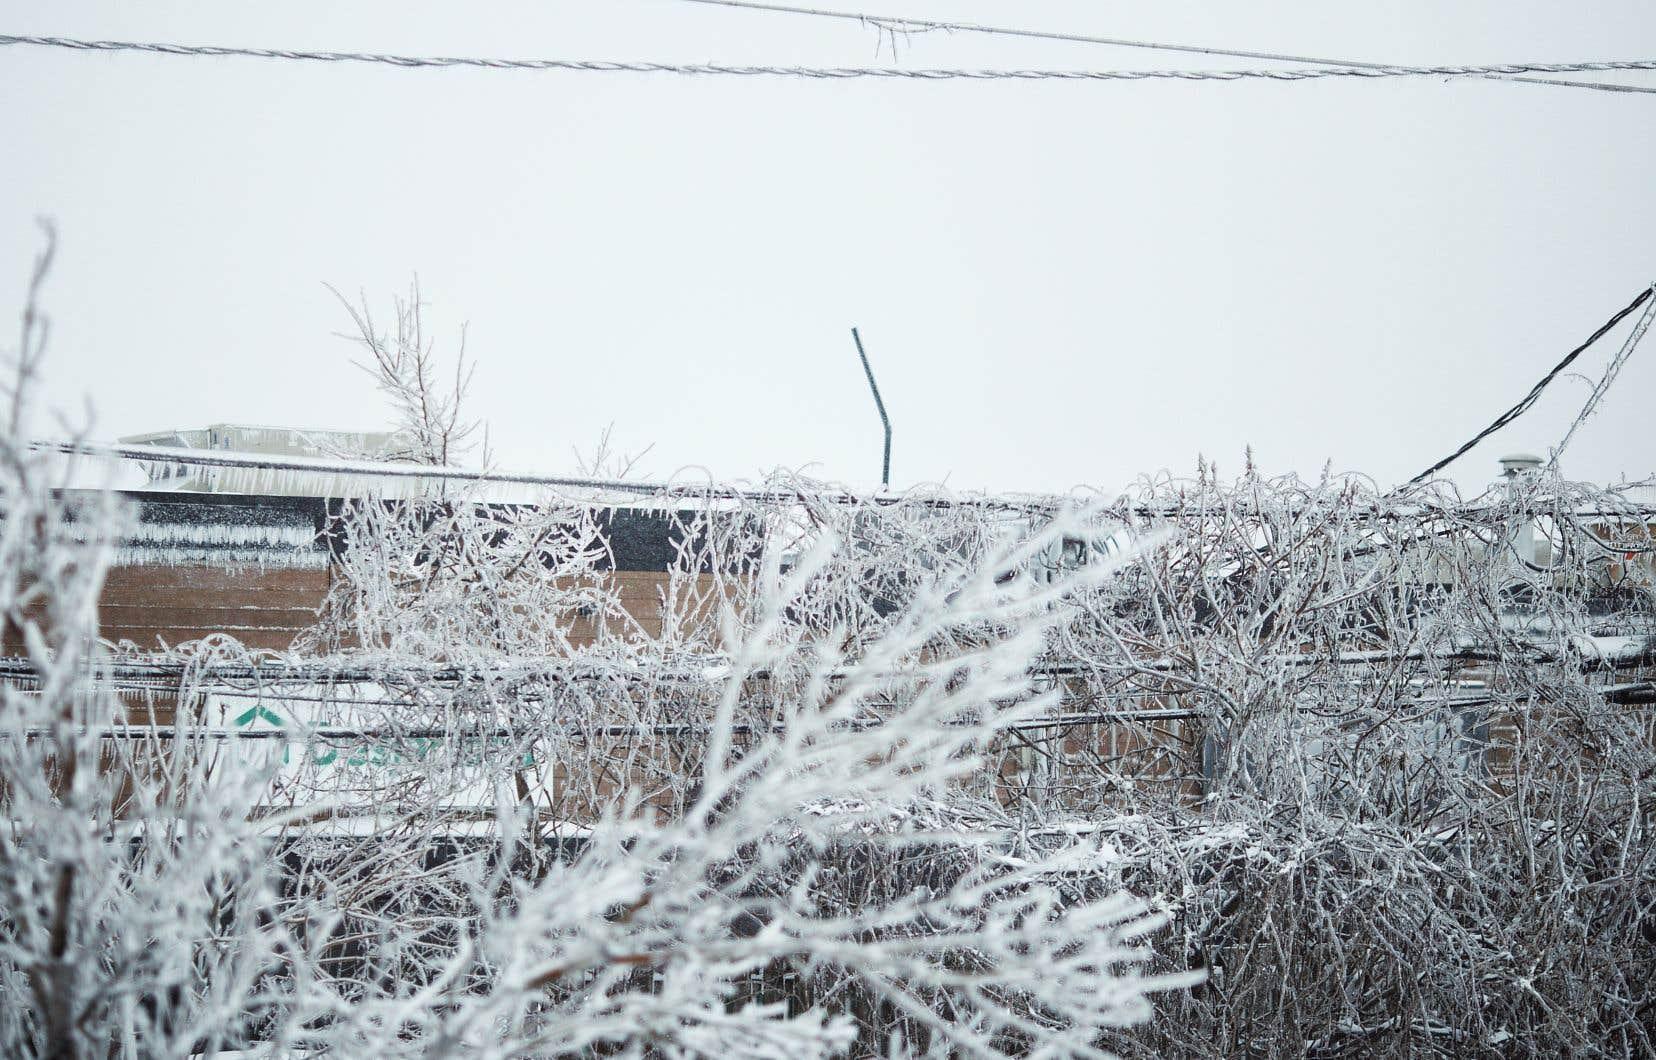 Les villes doivent être en mesure de répondre aux impacts des changements climatiques, qui commencent à se faire sentir, selon la présidente du Comité sur les changements climatiques de l'Union des municipalités du Québec. La province sort d'un hiver durant lequel certaines de ses régions ont eu 17 périodes de gel et dégel aux mois de janvier et février.